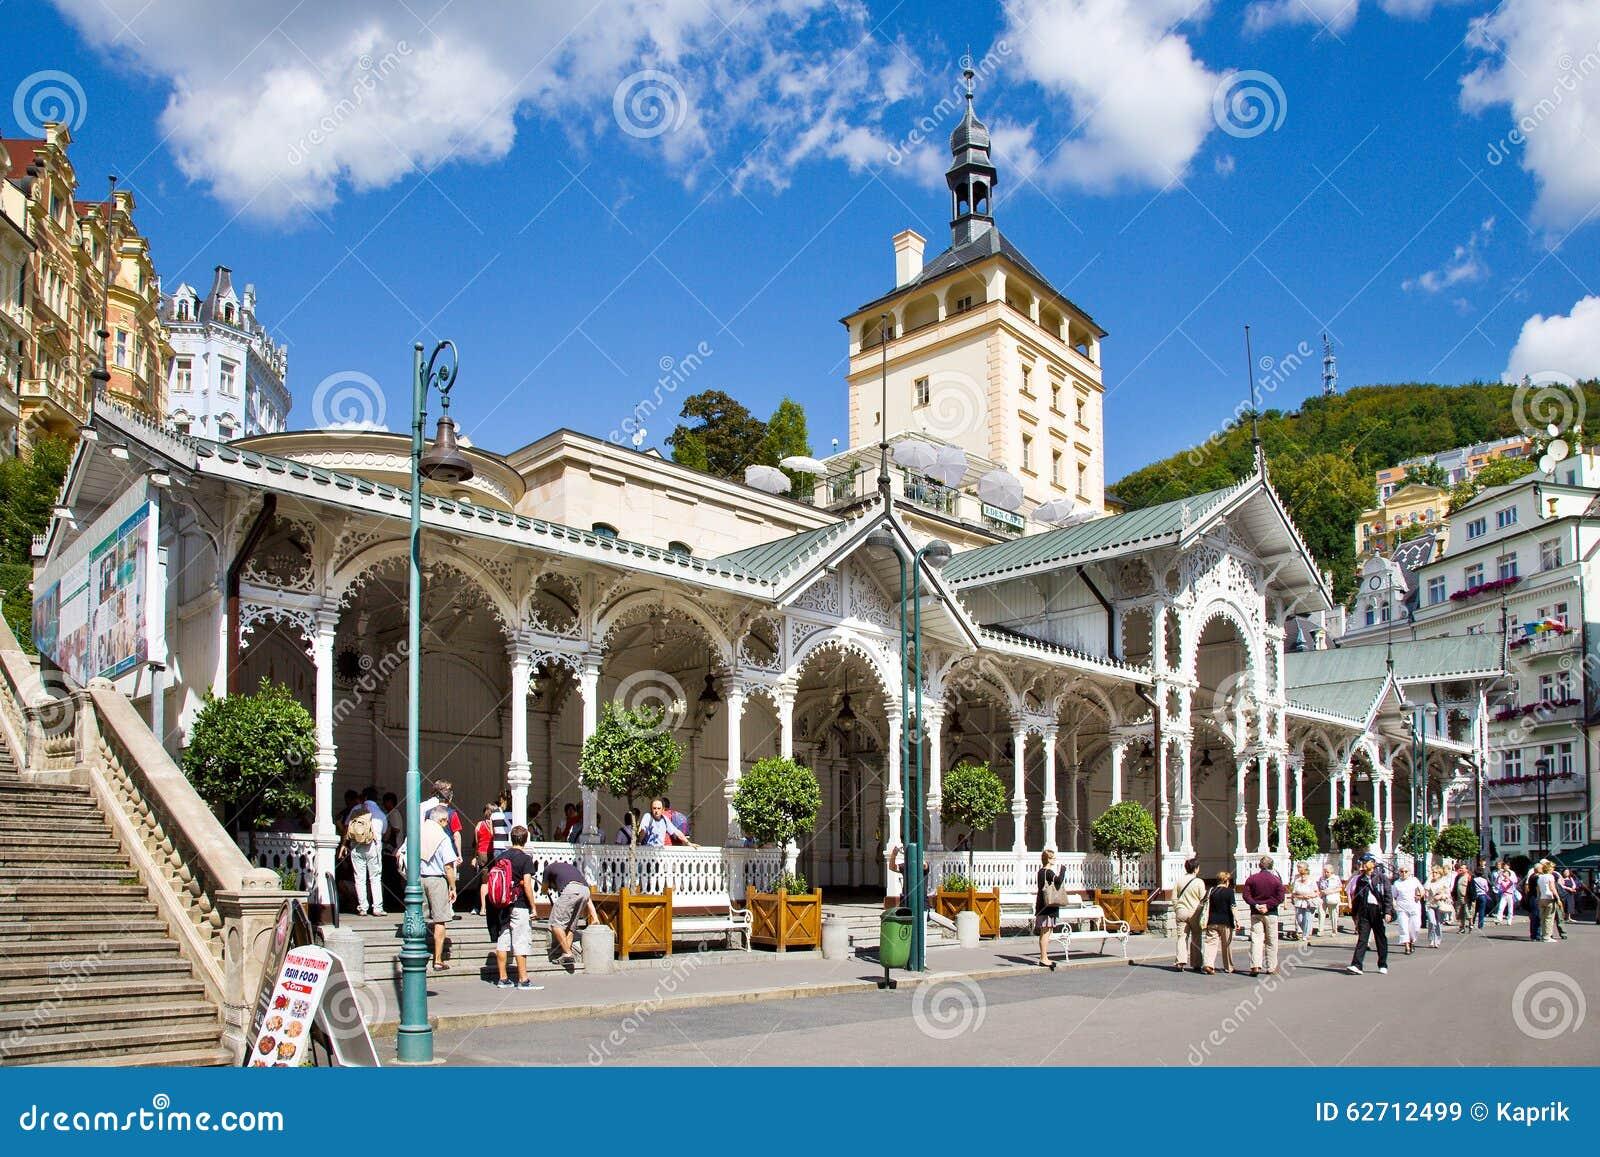 Πόλη Κάρλοβυ Βάρυ, Τσεχία, Ευρώπη SPA